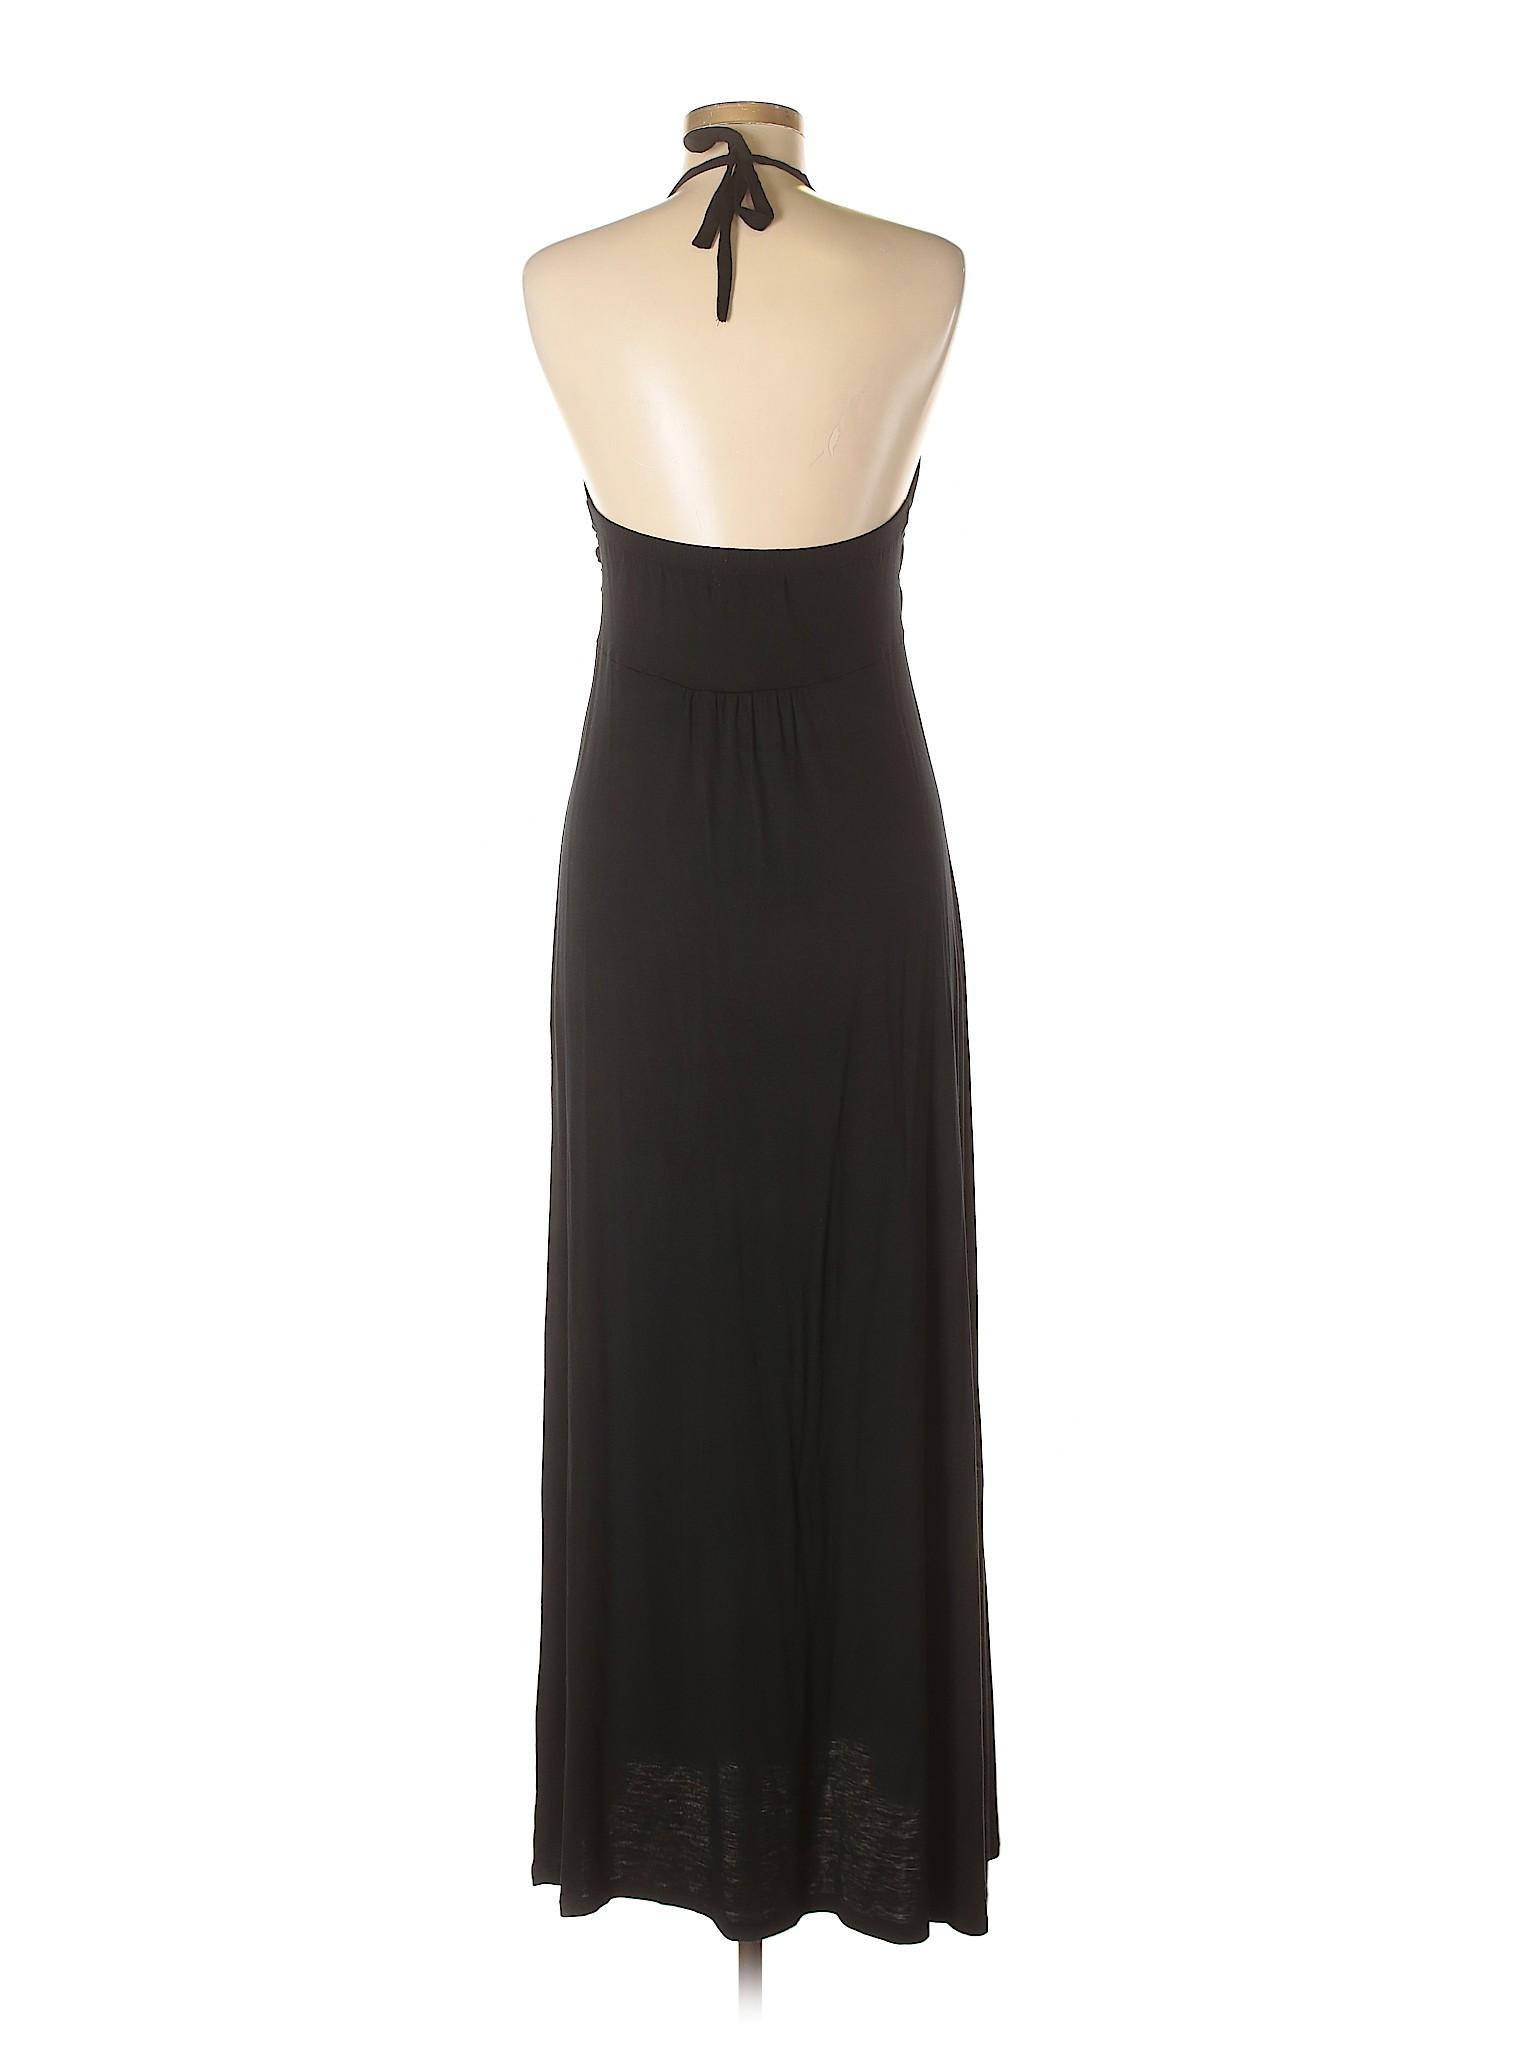 Casual winter Artisan Boutique Dress Dress Artisan winter Boutique Artisan winter Casual Casual Dress Boutique Boutique Fx8Wn05